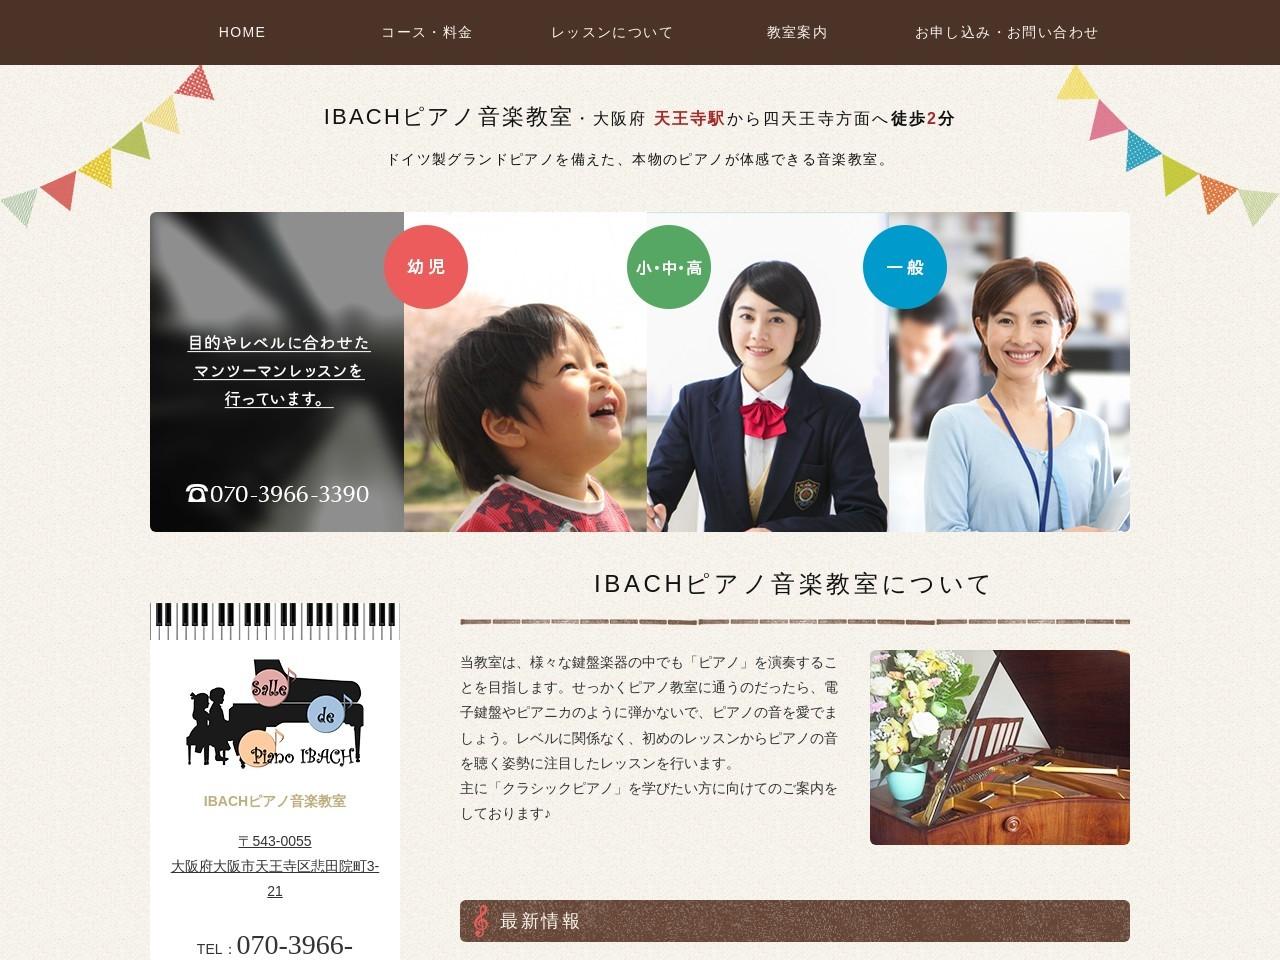 IBACHピアノ音楽教室のサムネイル